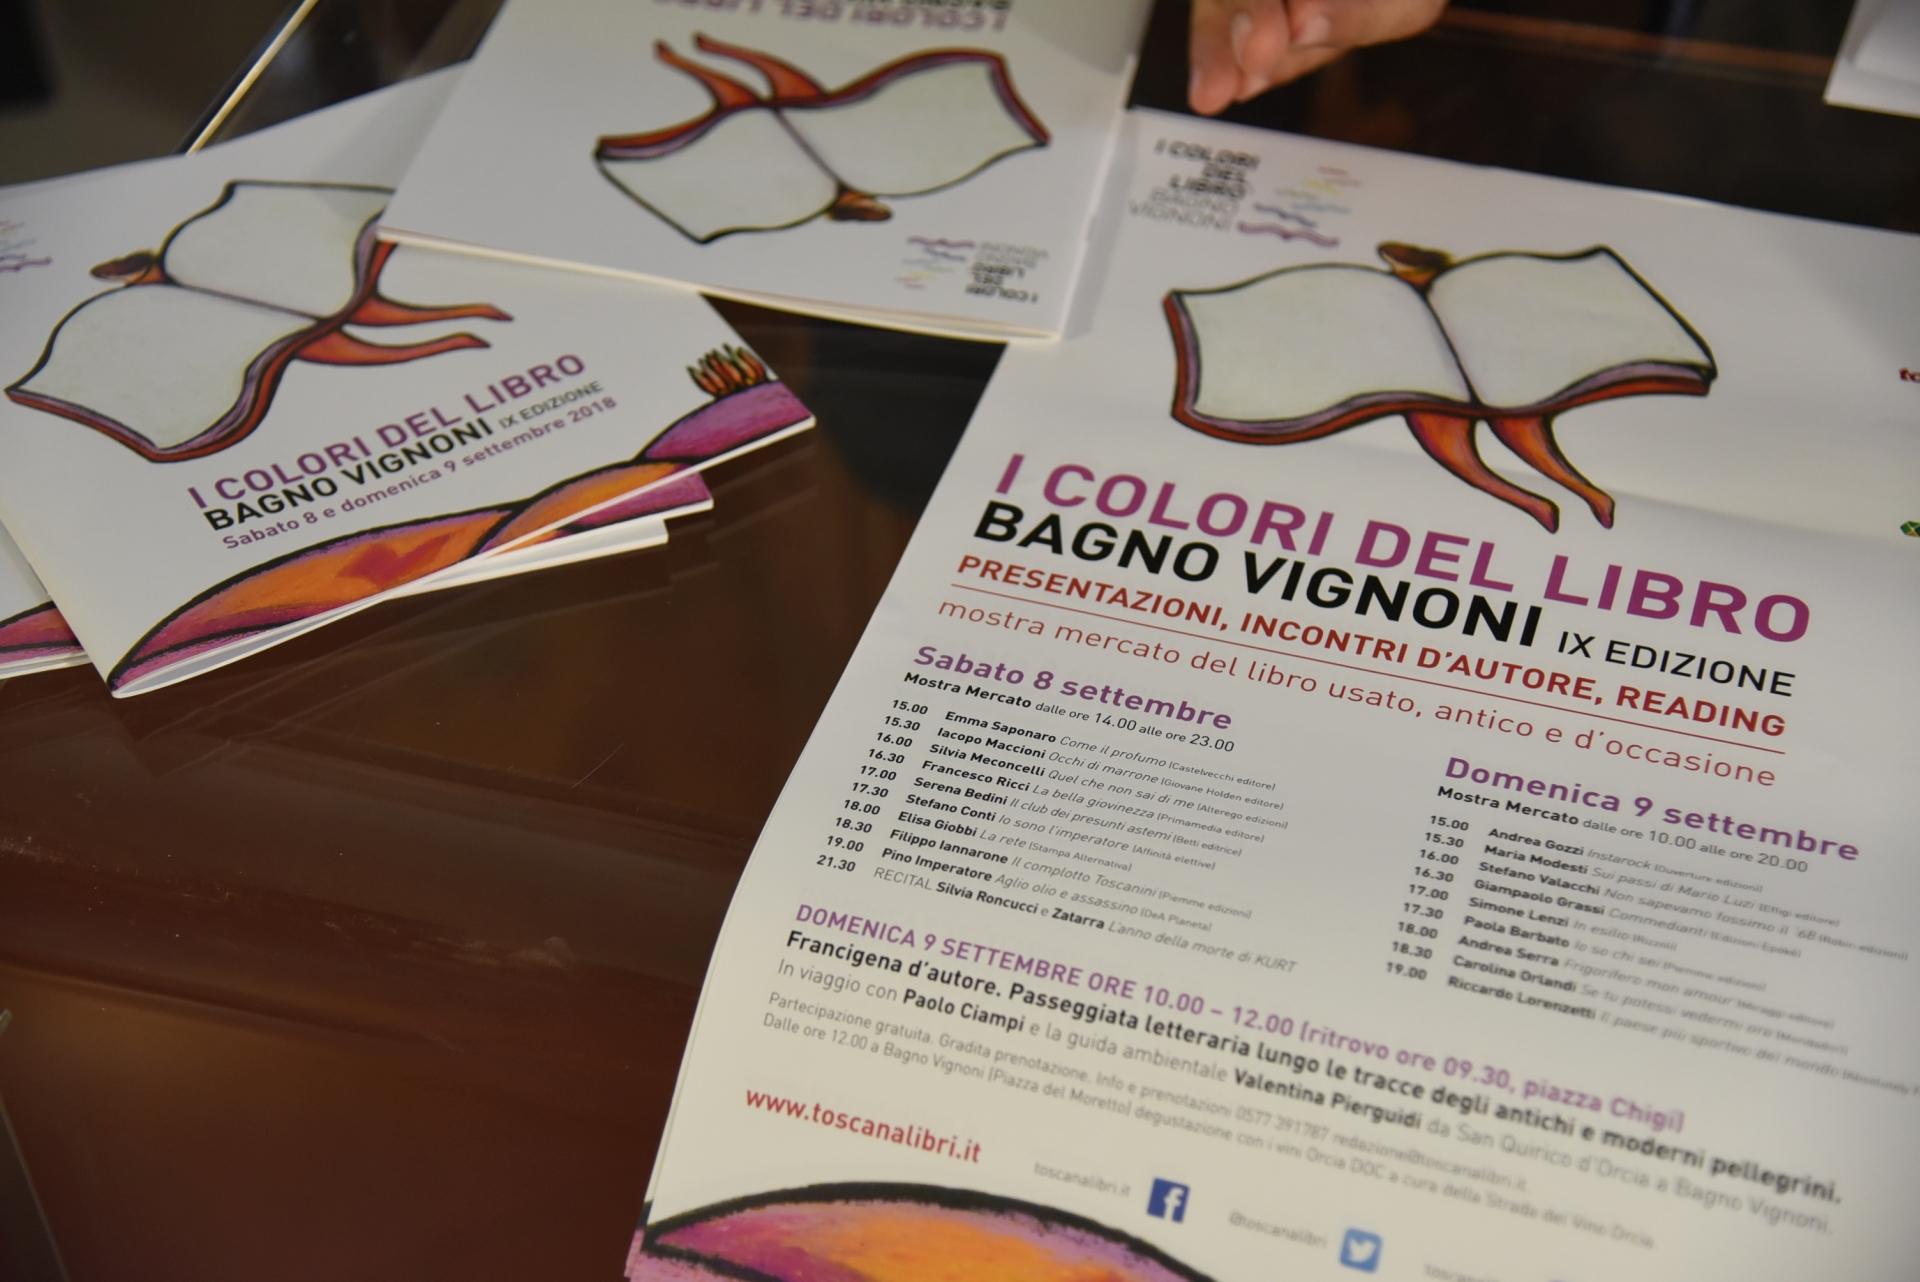 I Colori Del Libro Bagno Vignoni : Bagno vignoni le terme del puro relax